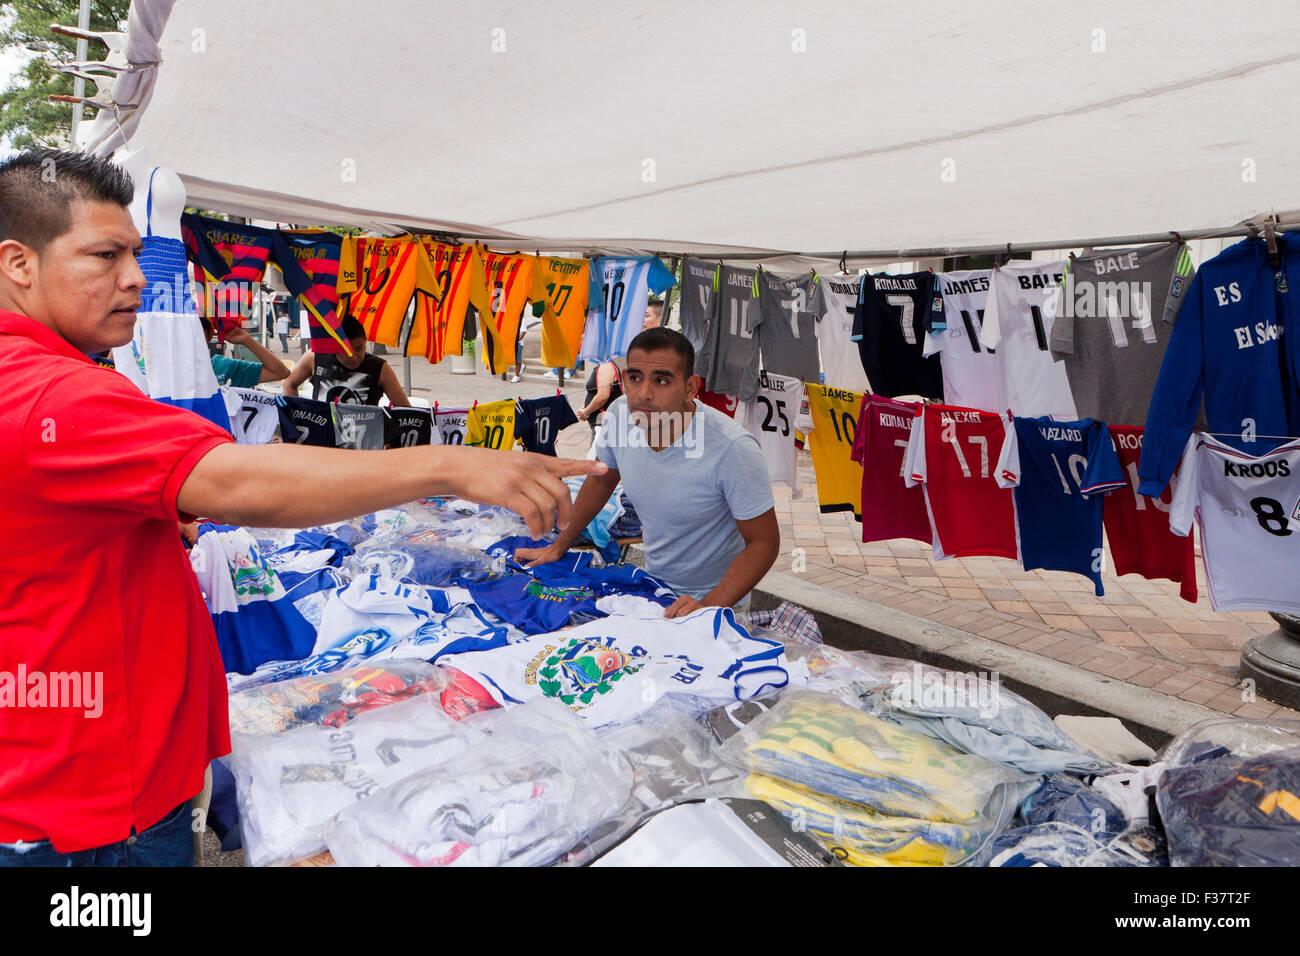 Hombre sacando ropa de fútbol jersey en tienda de campaña en un festival al aire libre - EE.UU. Imagen De Stock